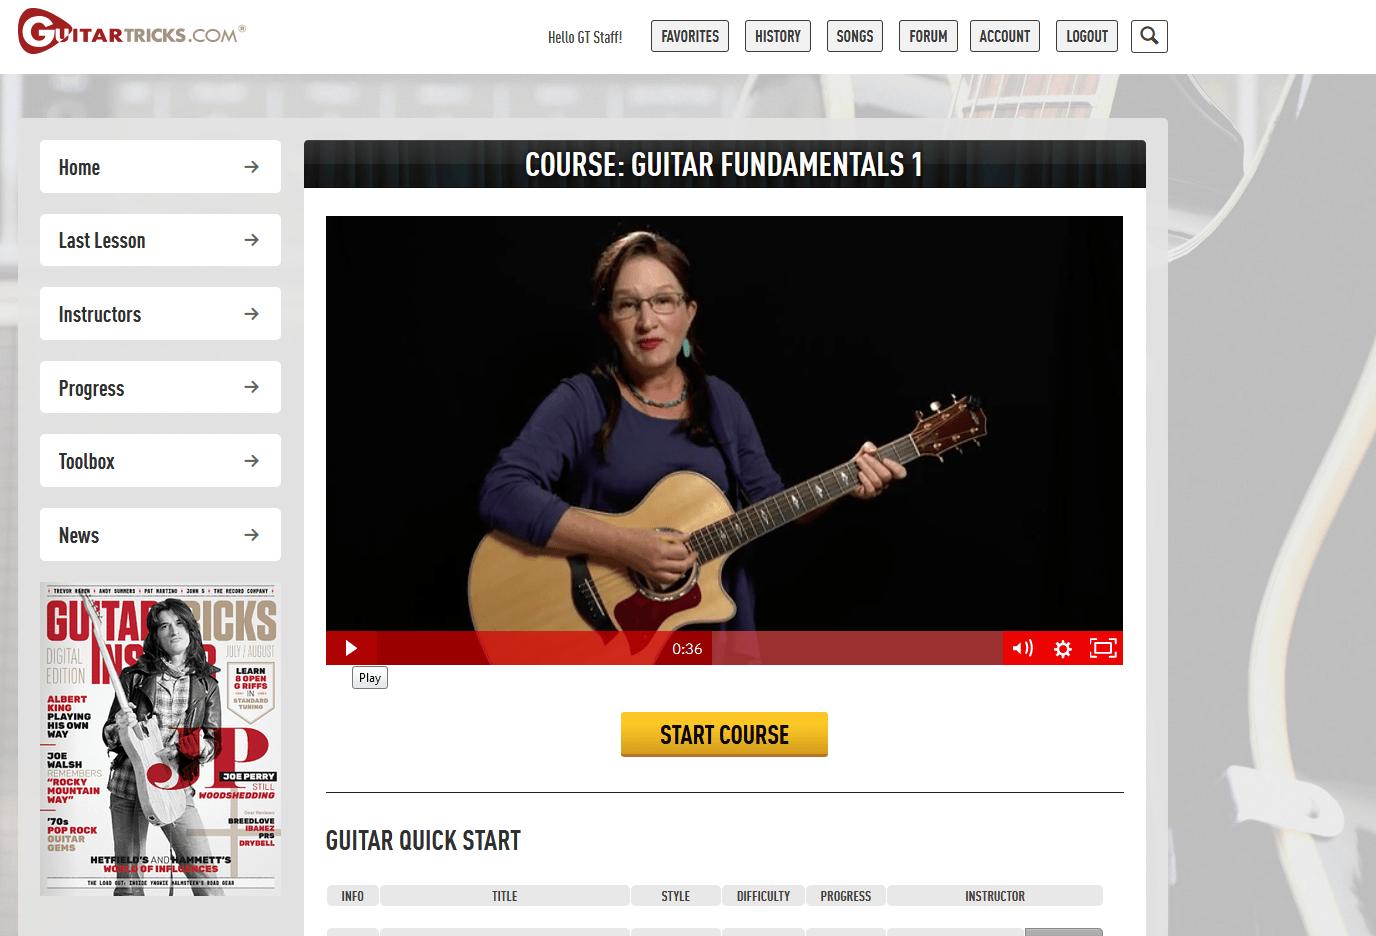 Guitar Tricks Guitar Fundemantals Course I Screenshot